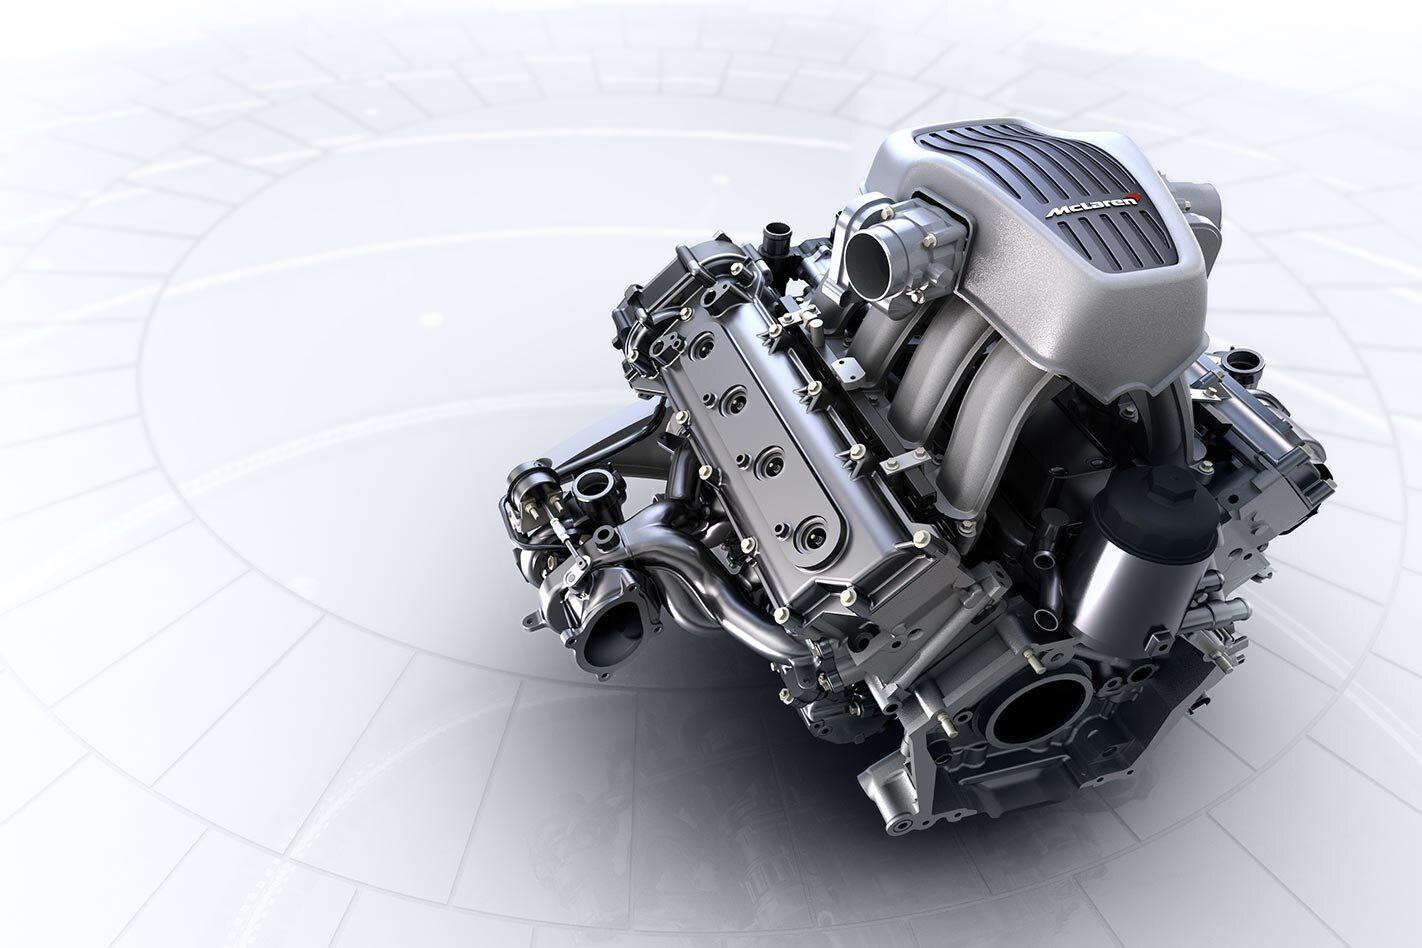 Flat-plane crank V8 engines explained